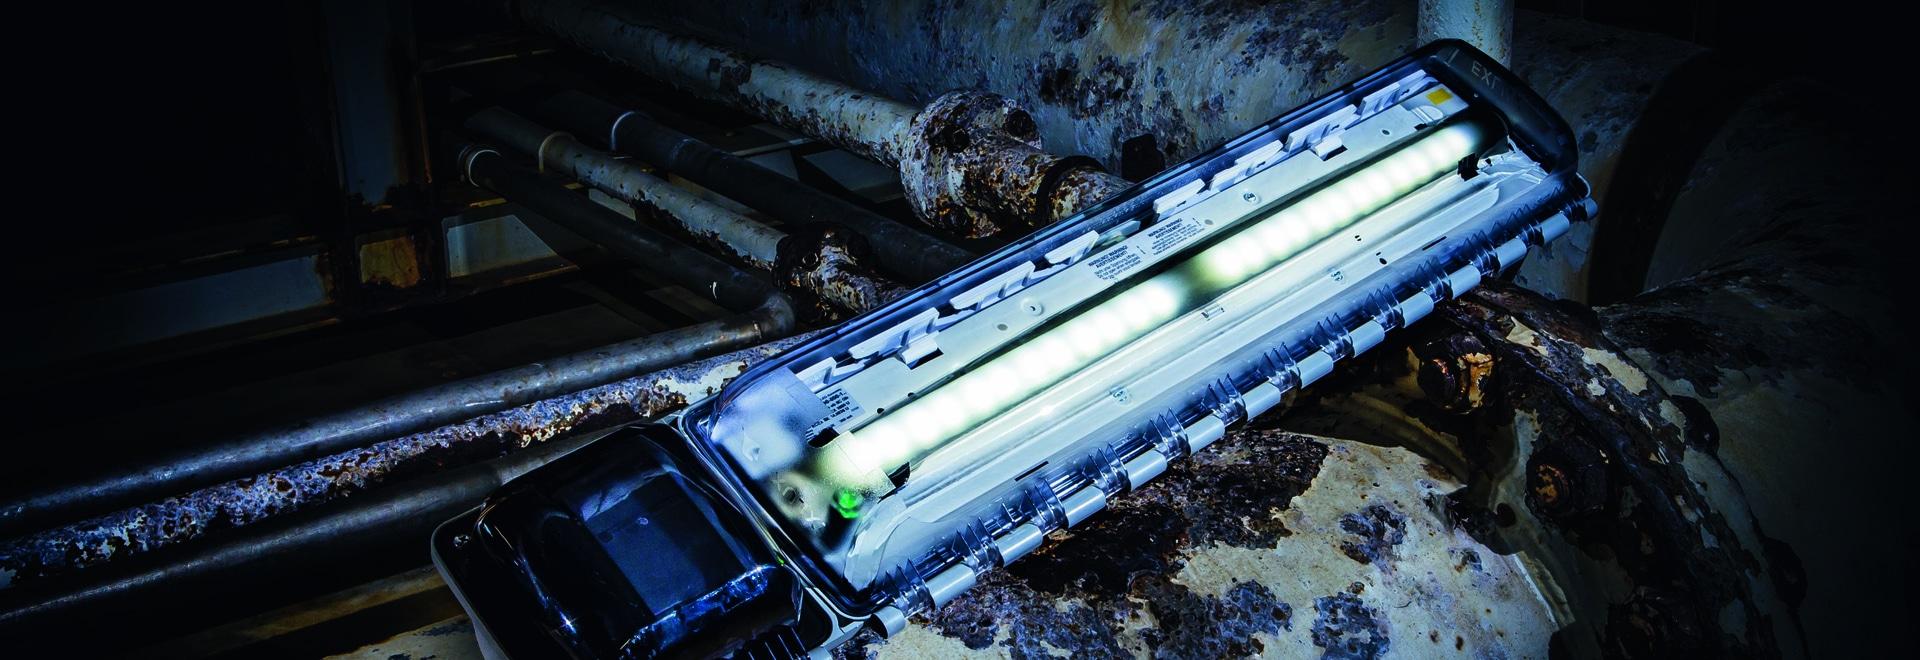 Les séries 6009/1, le produit EXLUX d'appareils d'éclairage de secours de LED font R. STAHL, sont extrêmement robustes et appropriées pour l'usage partout dans le monde